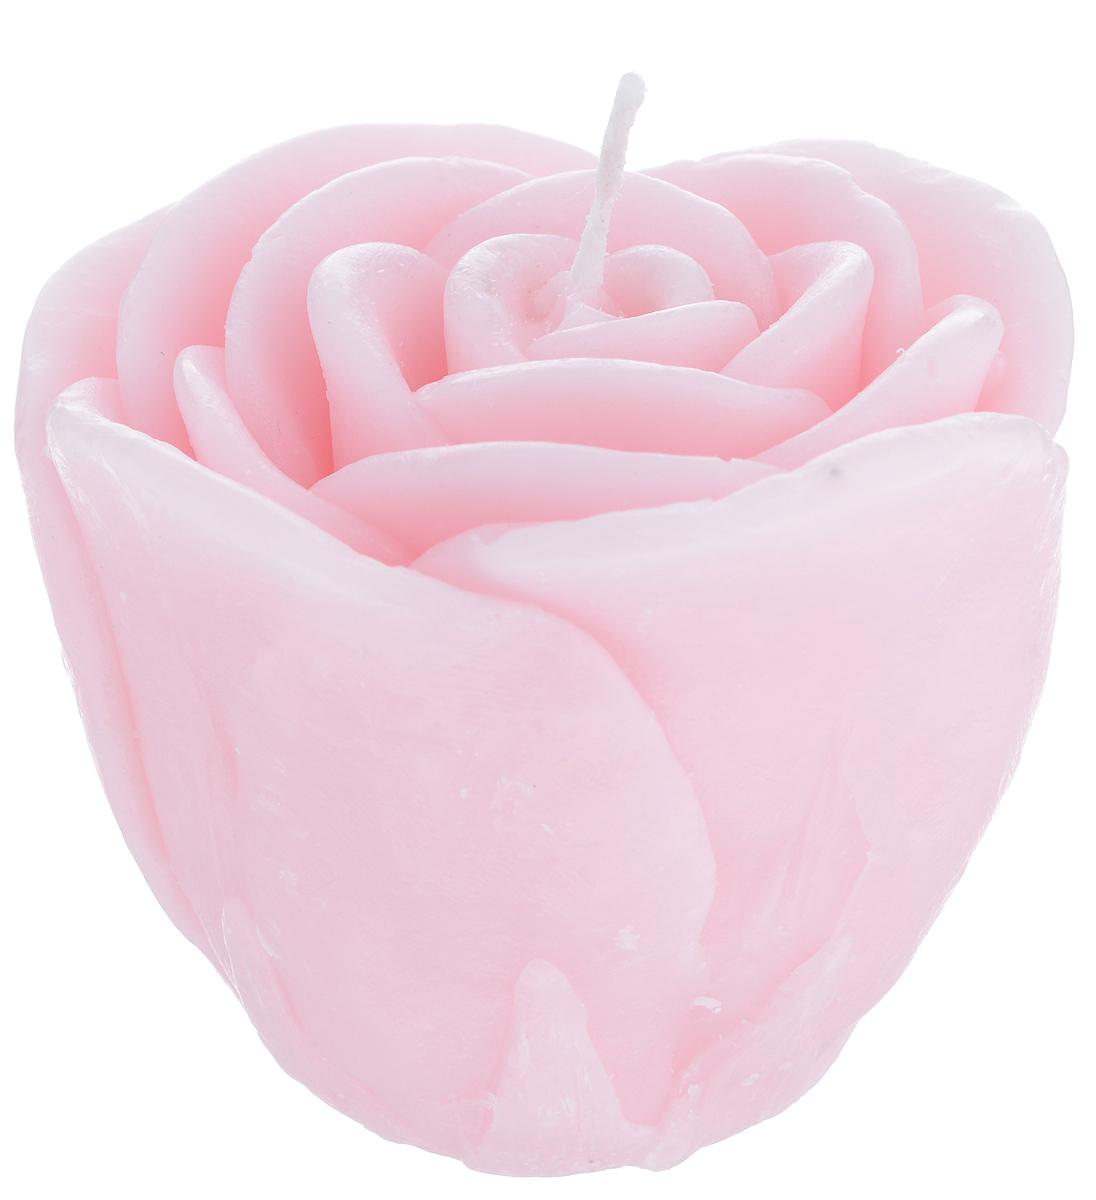 Свеча декоративная Proffi Большая роза, цвет: розовый, 7 х 7 х 6 смPH5923Декоративная свеча Proffi Большая роза изготовлена из парафина и стеарина, а фитиль из хлопка. Изделие выполнено в виде розы. Предназначена для освещения и украшения помещений. Такая свеча может стать отличным подарком или дополнить интерьер вашей спальни или гостиной.